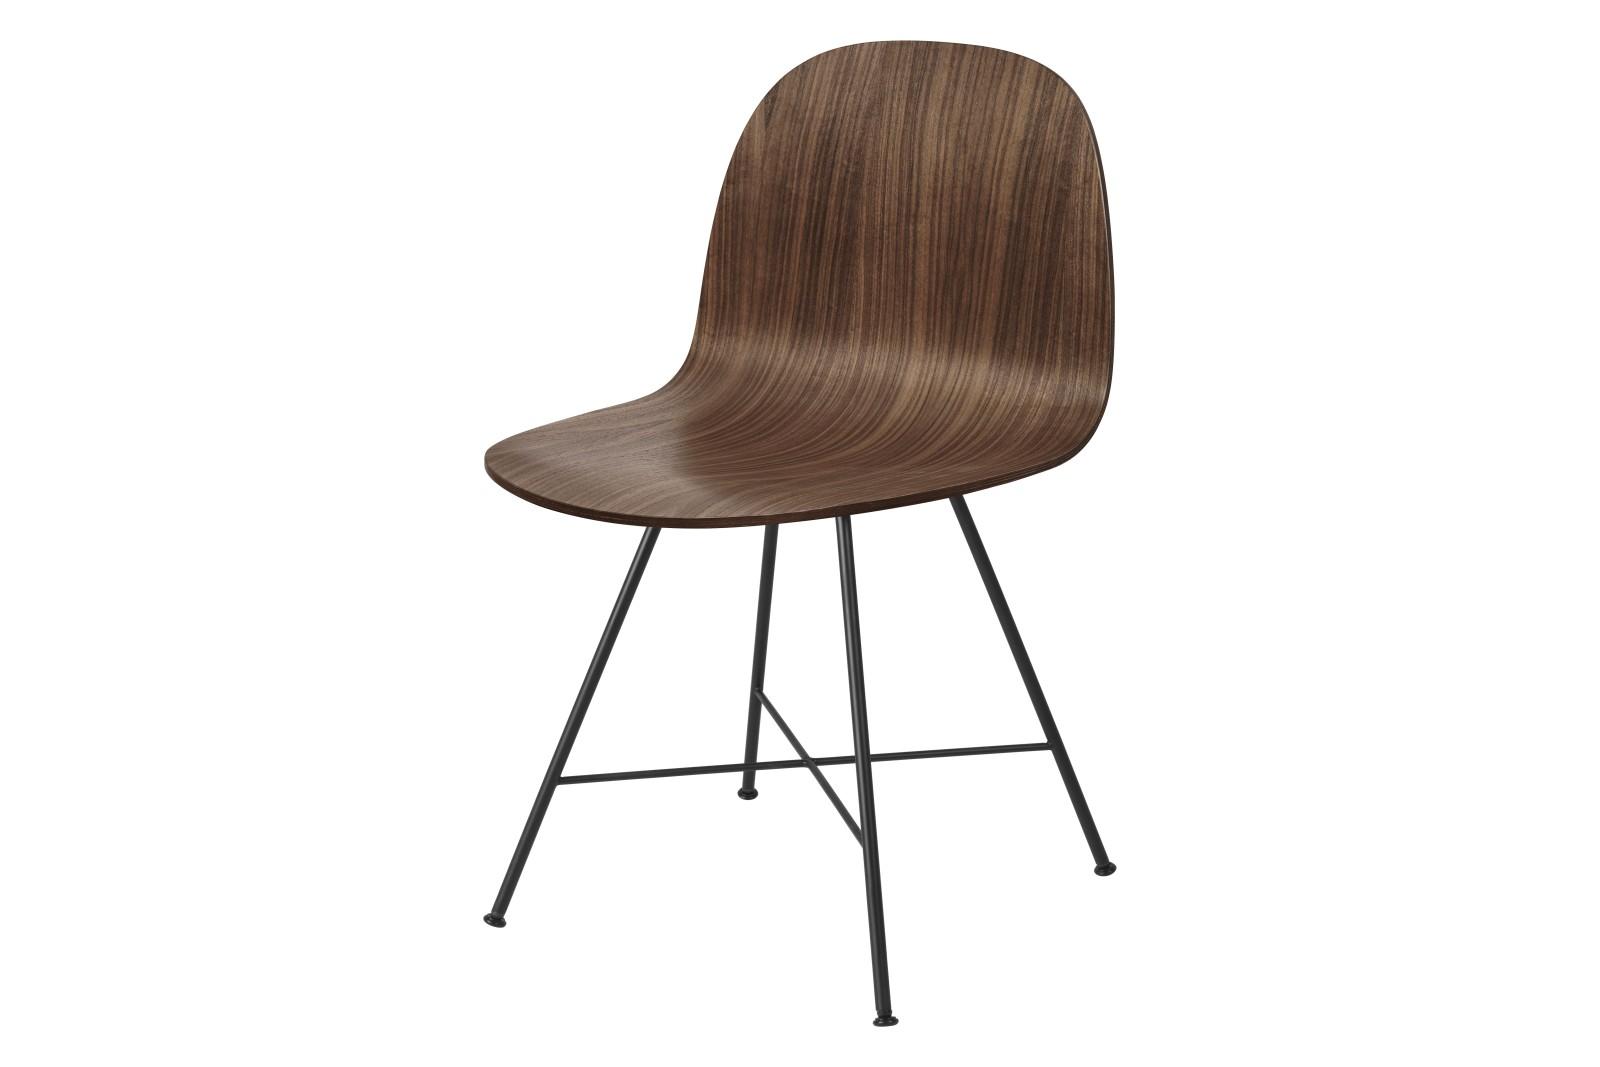 2D Dining Chair - Un-Upholstered, Center base American Walnut Semi Matt Lacquered, Felt Glides